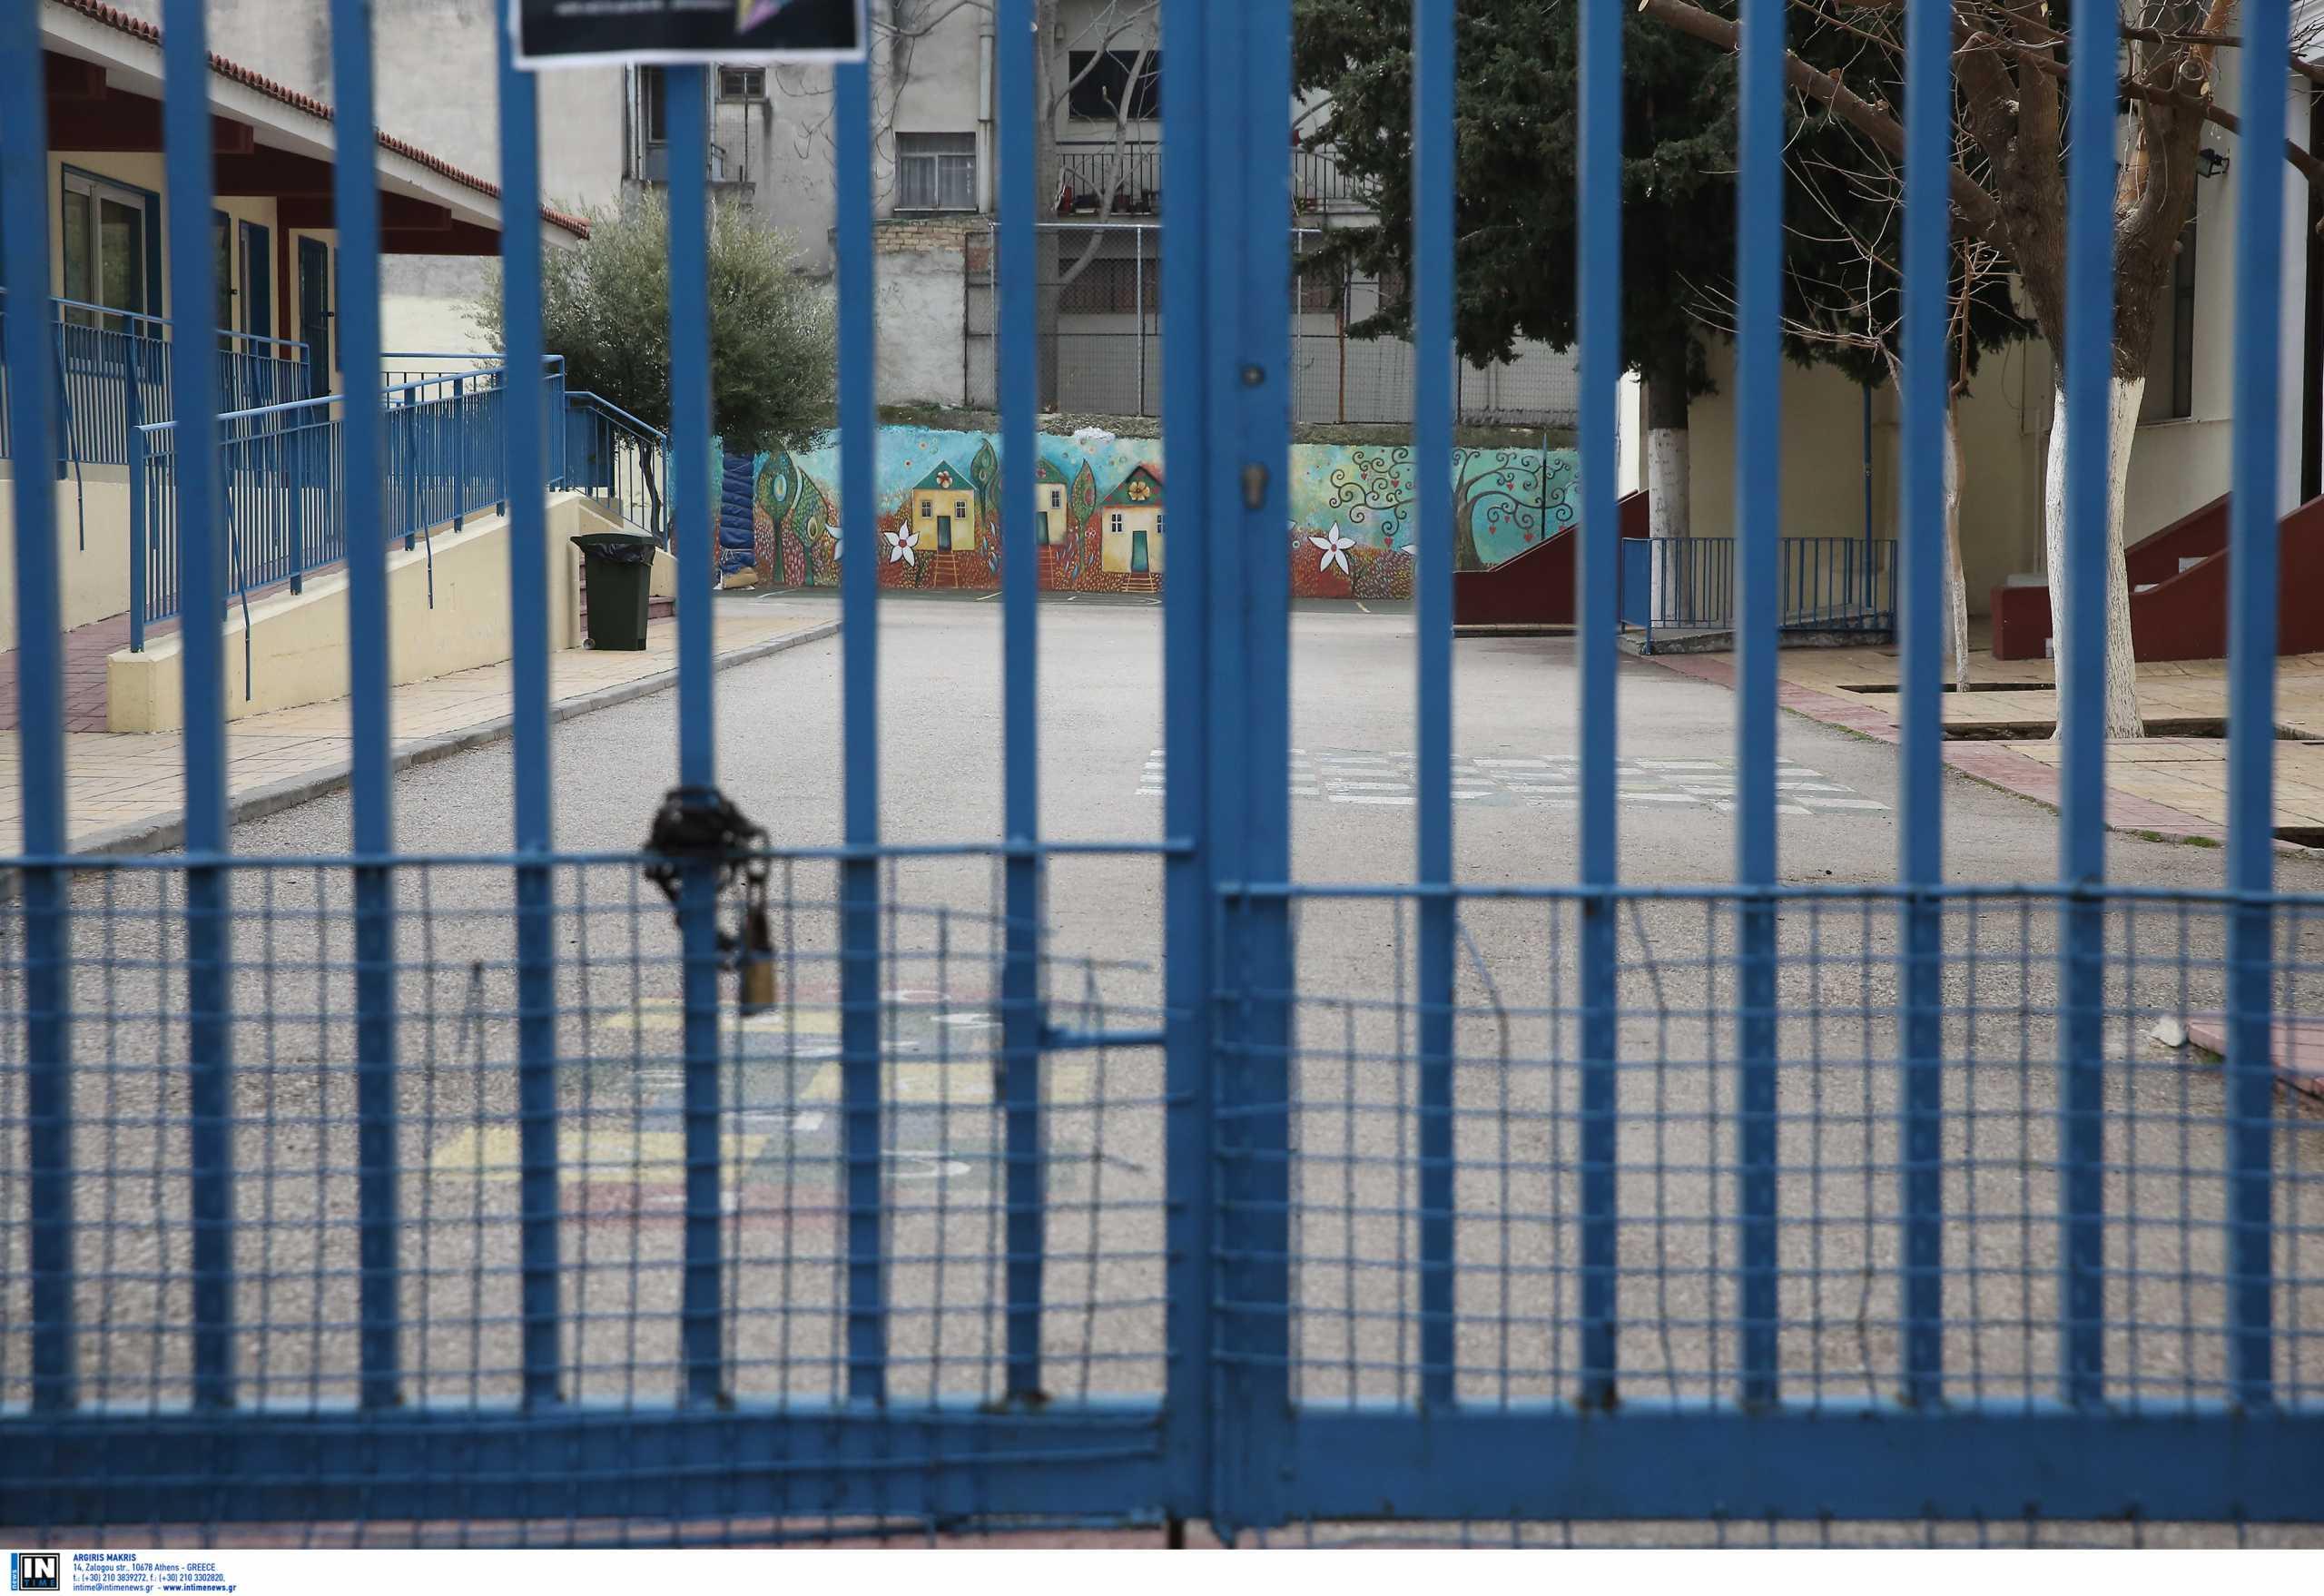 Μενίδι: Νέα δικαστική μάχη για την οικογένεια του 11χρονου που σκοτώθηκε από αδέσποτη σφαίρα